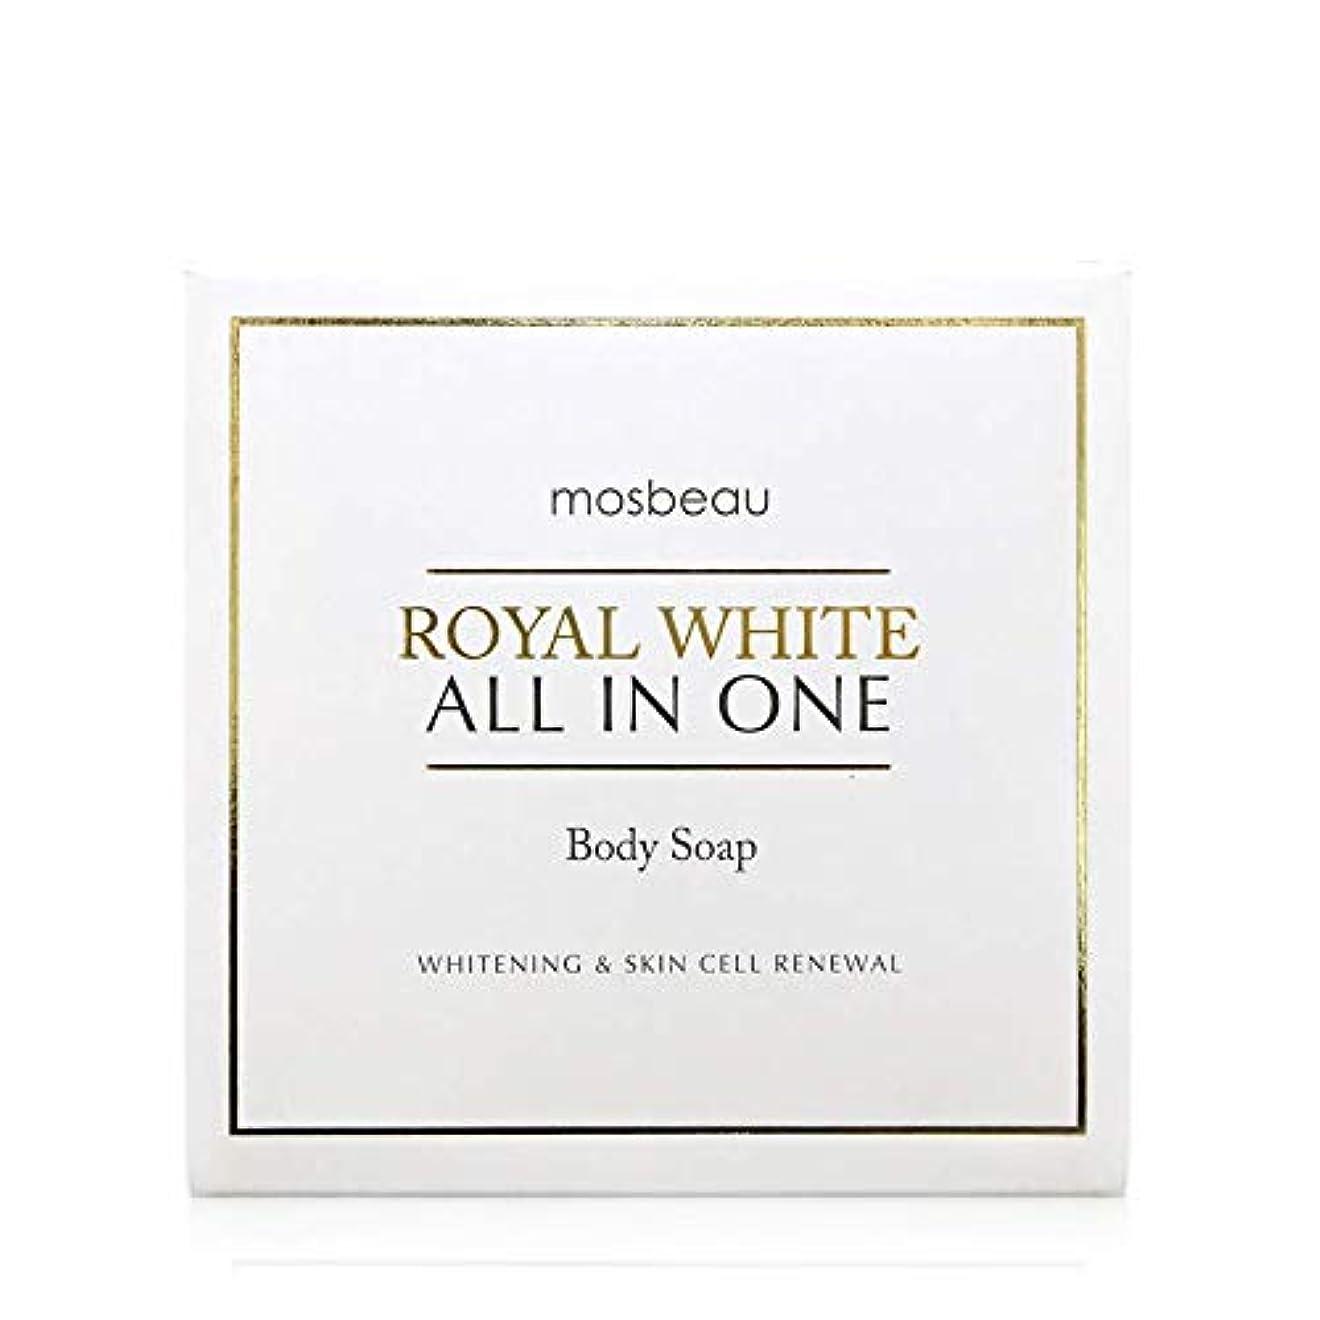 対話快適廃棄するmosbeau ROYAL WHITE ALL-IN-ONE BODY SOAP 100g ロィヤルホワイトオールインワンボディーソープ